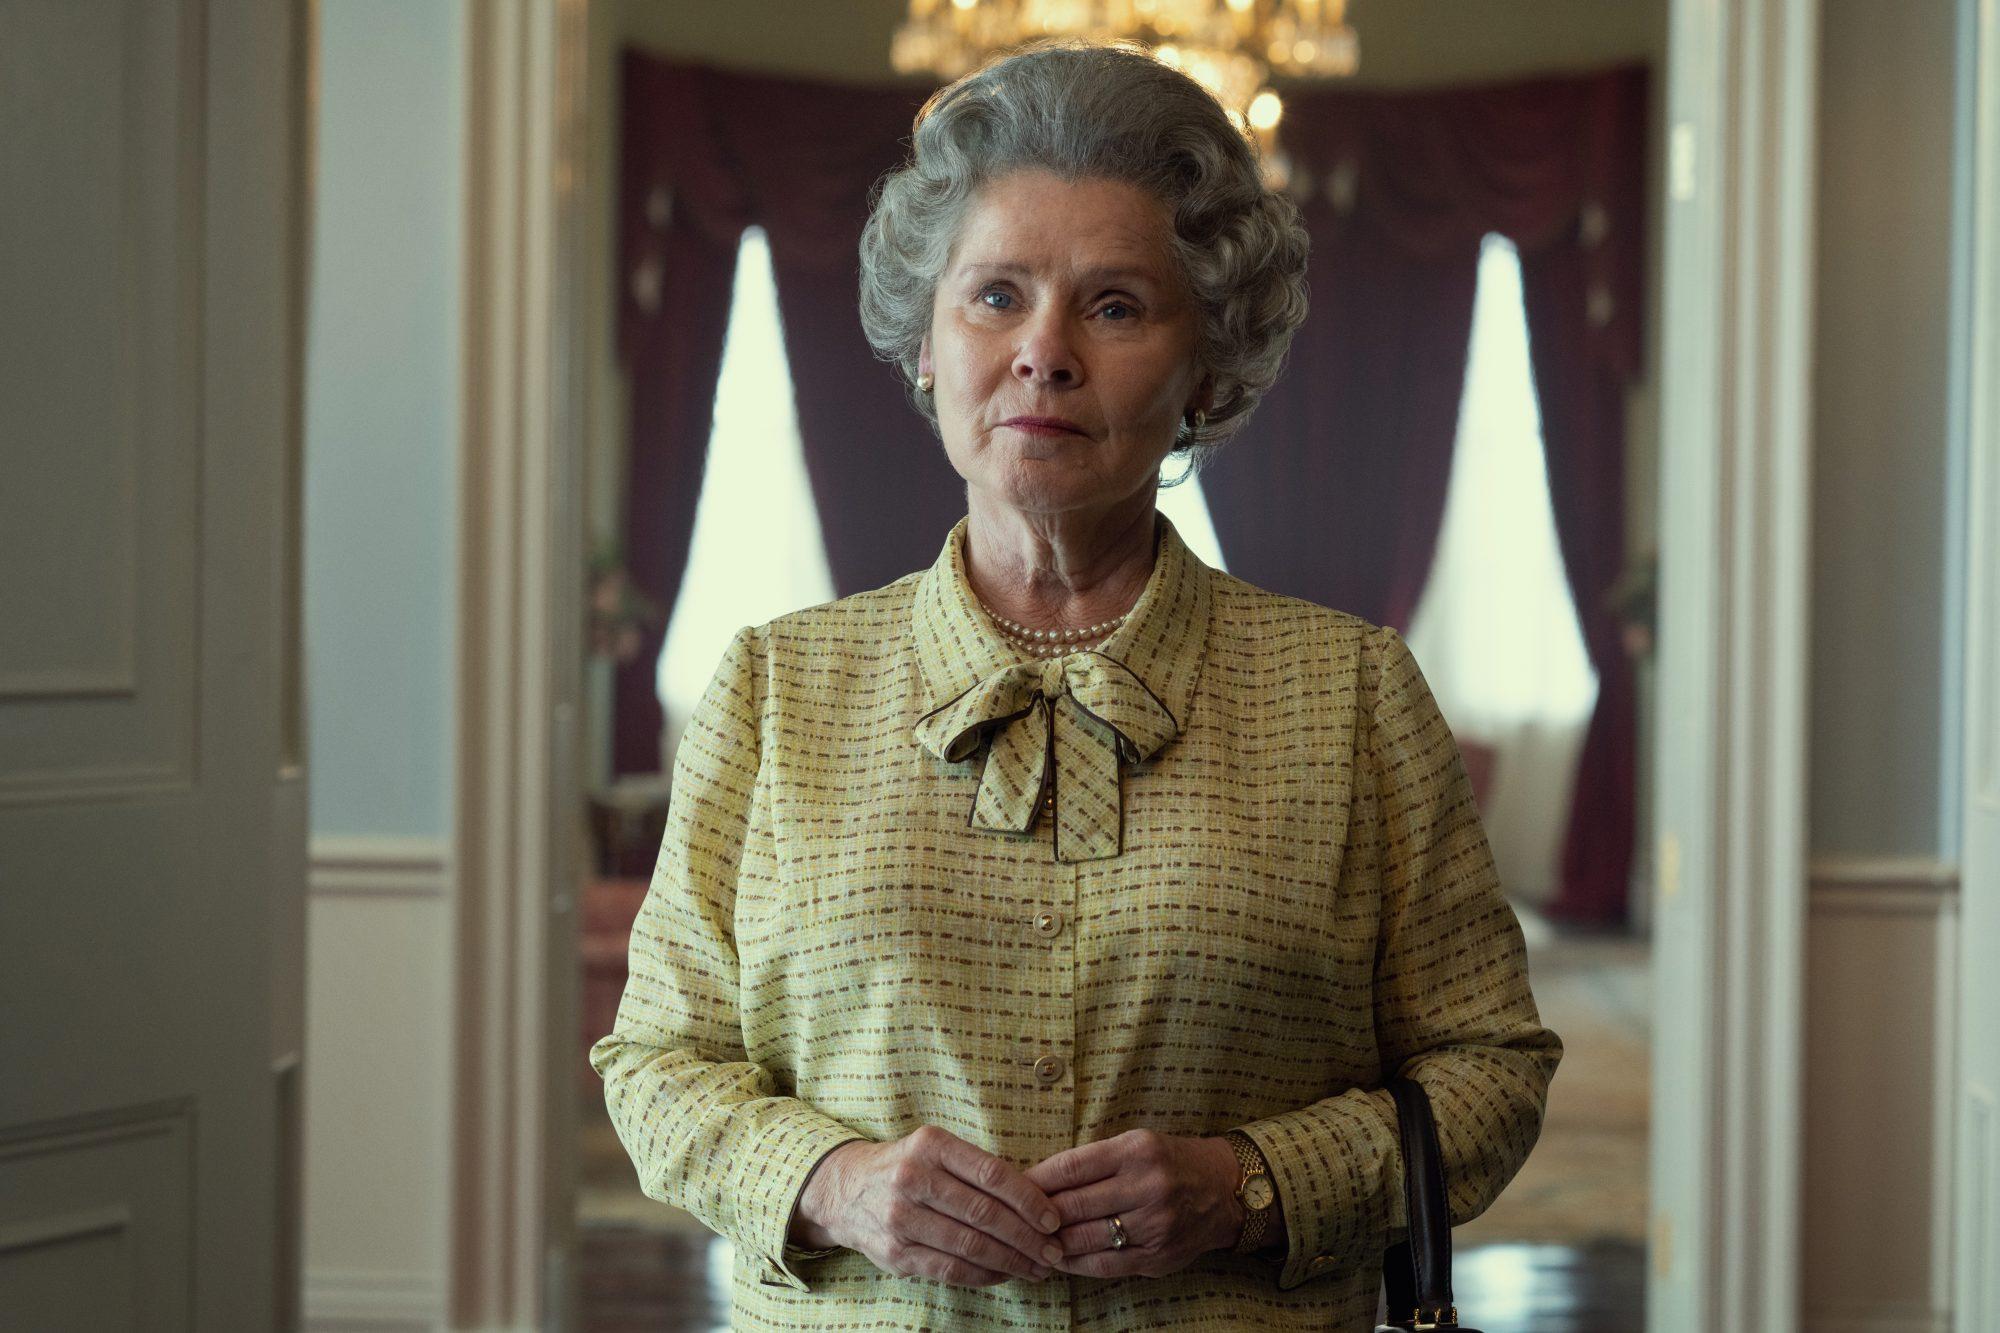 Imelda Staunton in The Crown